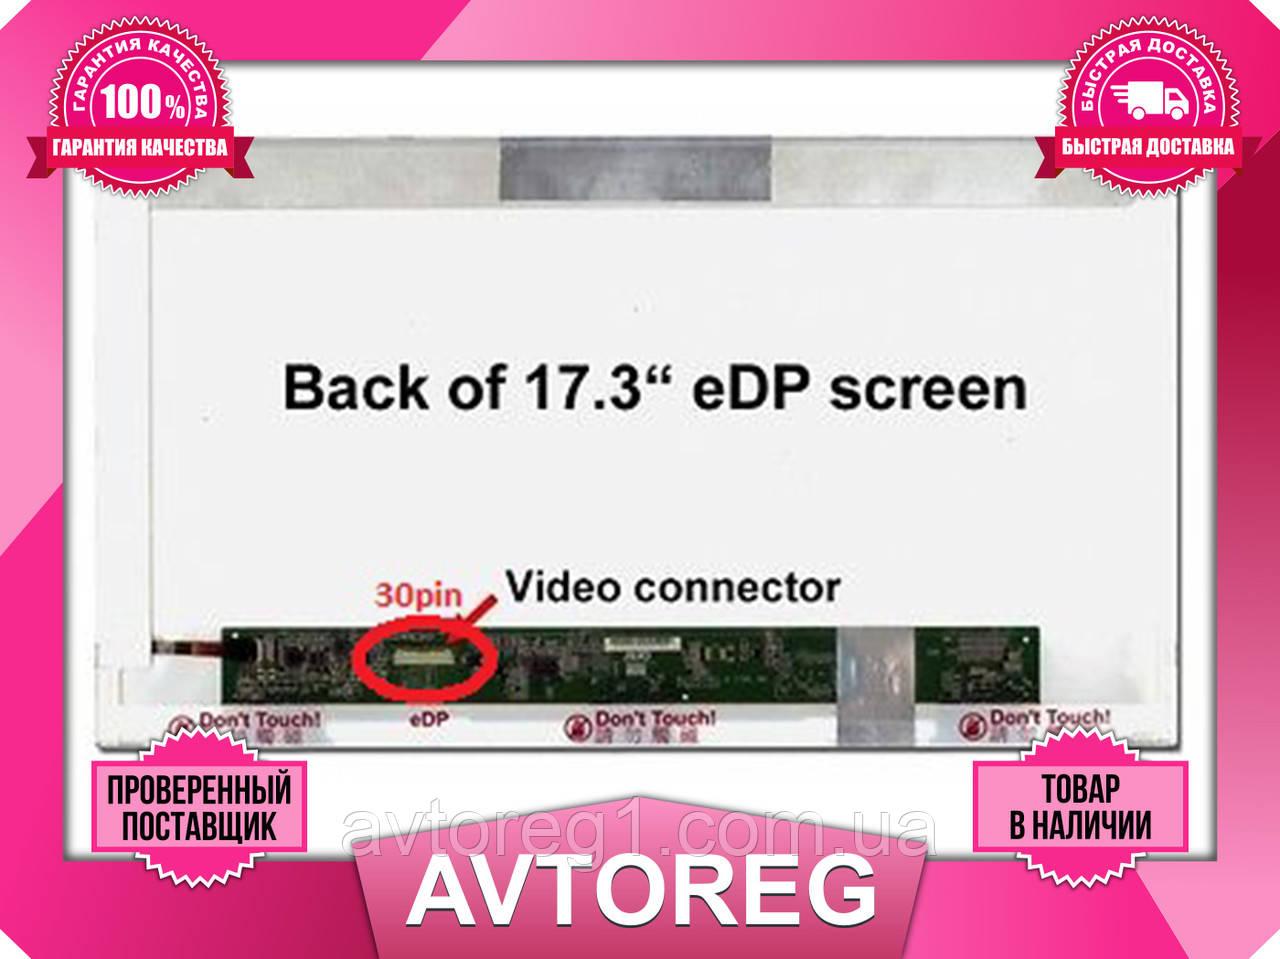 """Матрица 17.3"""" для Acer ASPIRE ES1-731-C31F - AVTOREG в Киевской области"""